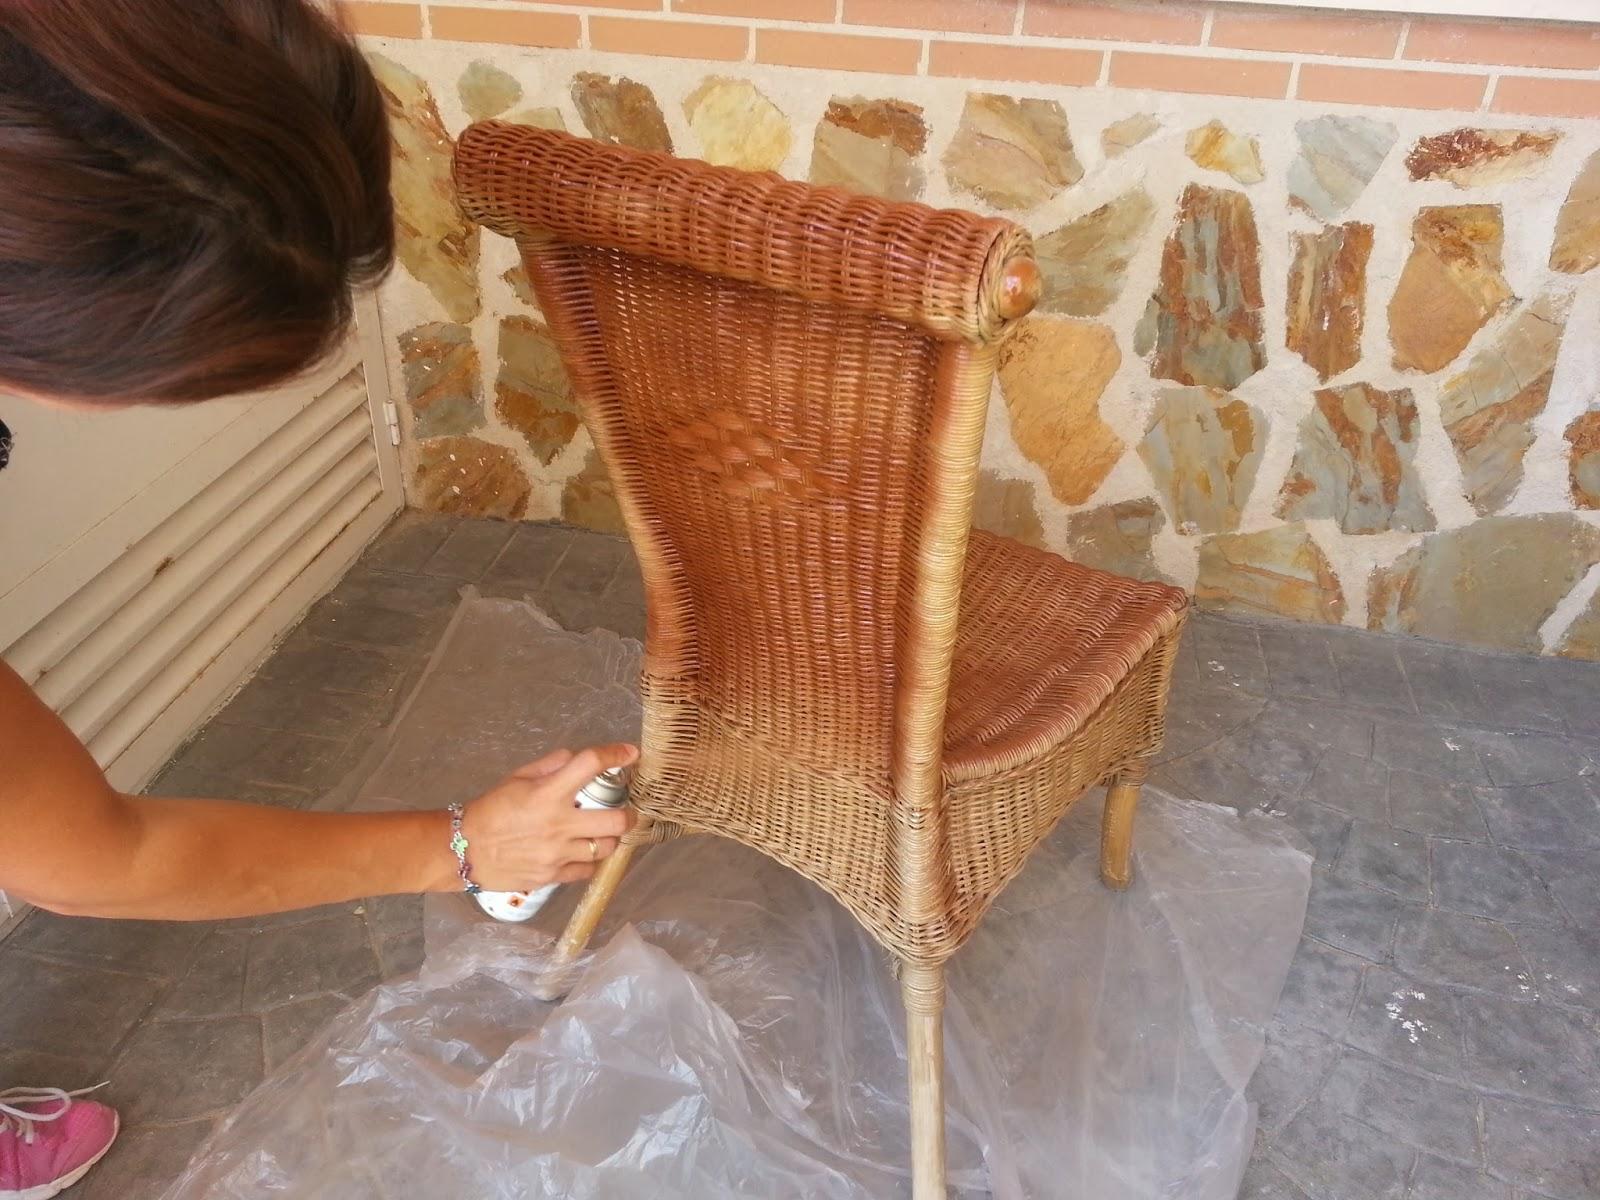 C mo se hace paso a paso c mo pintar sillas de mimbre - Decorar cestas de mimbre paso a paso ...